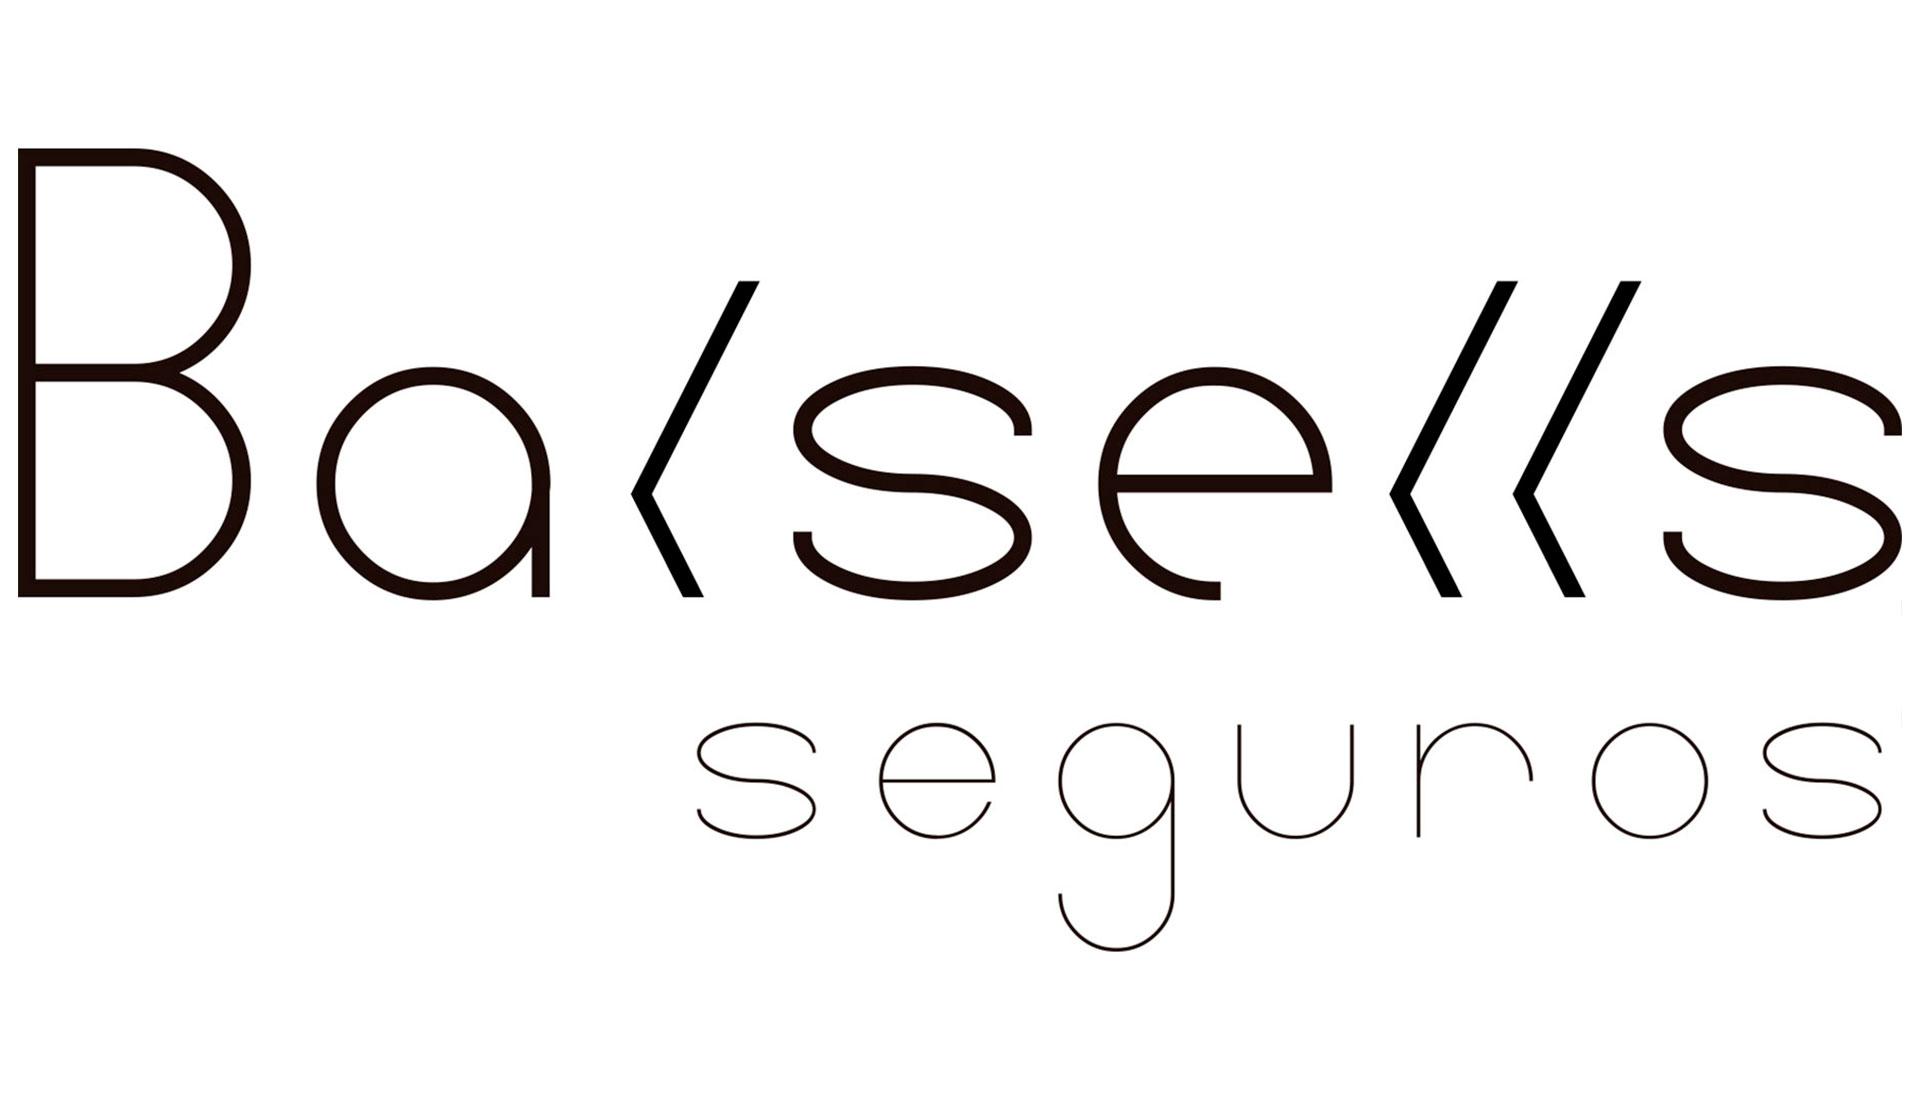 agencia-marketing-digital-valencia-identidad-corporativa-branding-seguros-balsells-06